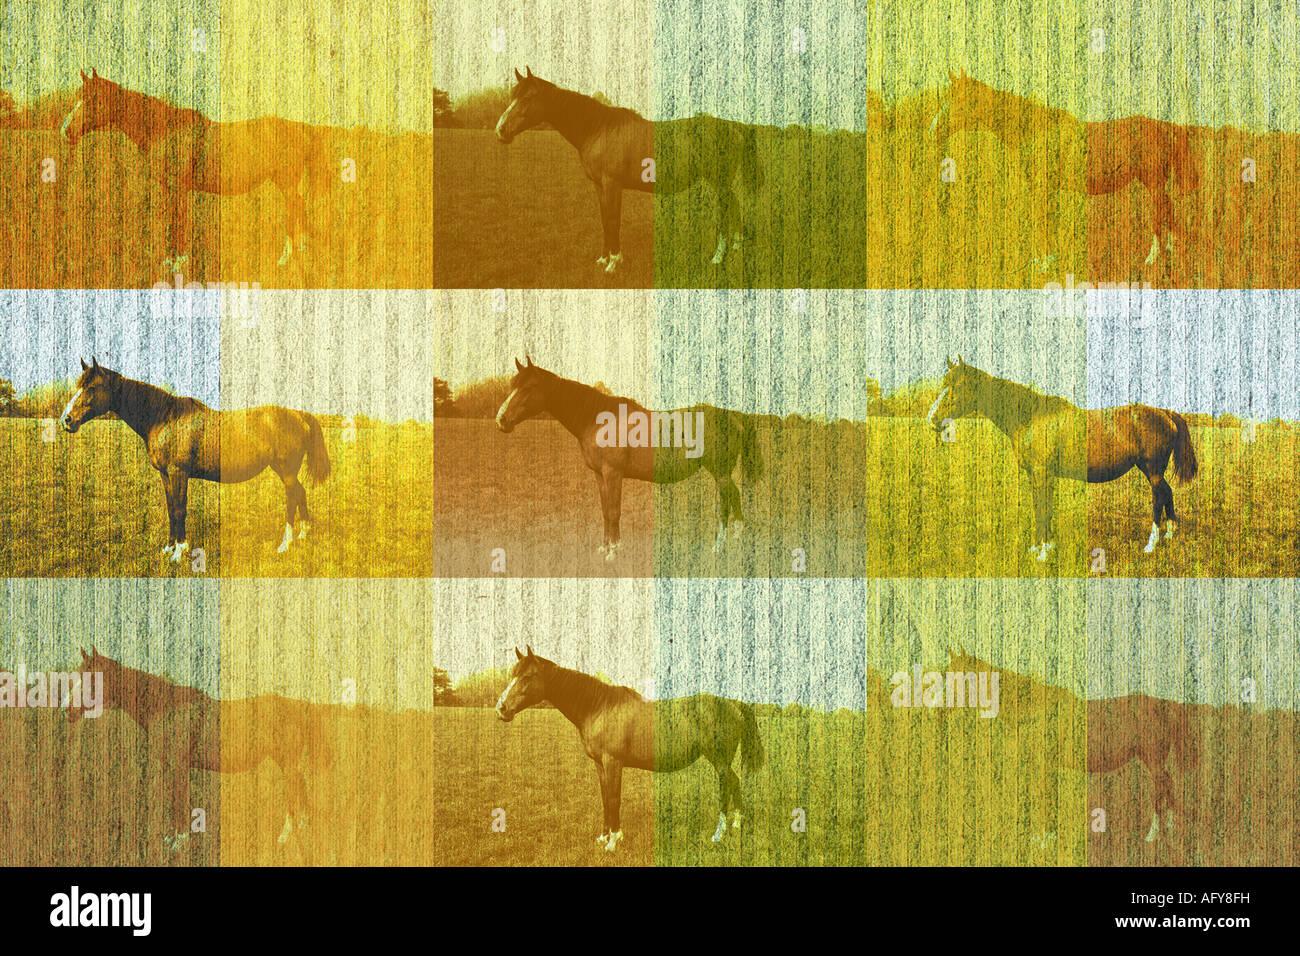 Treten Sie ein und wiederholen Sie die Abbildung der Bucht Pferde in einem Feld Stockbild